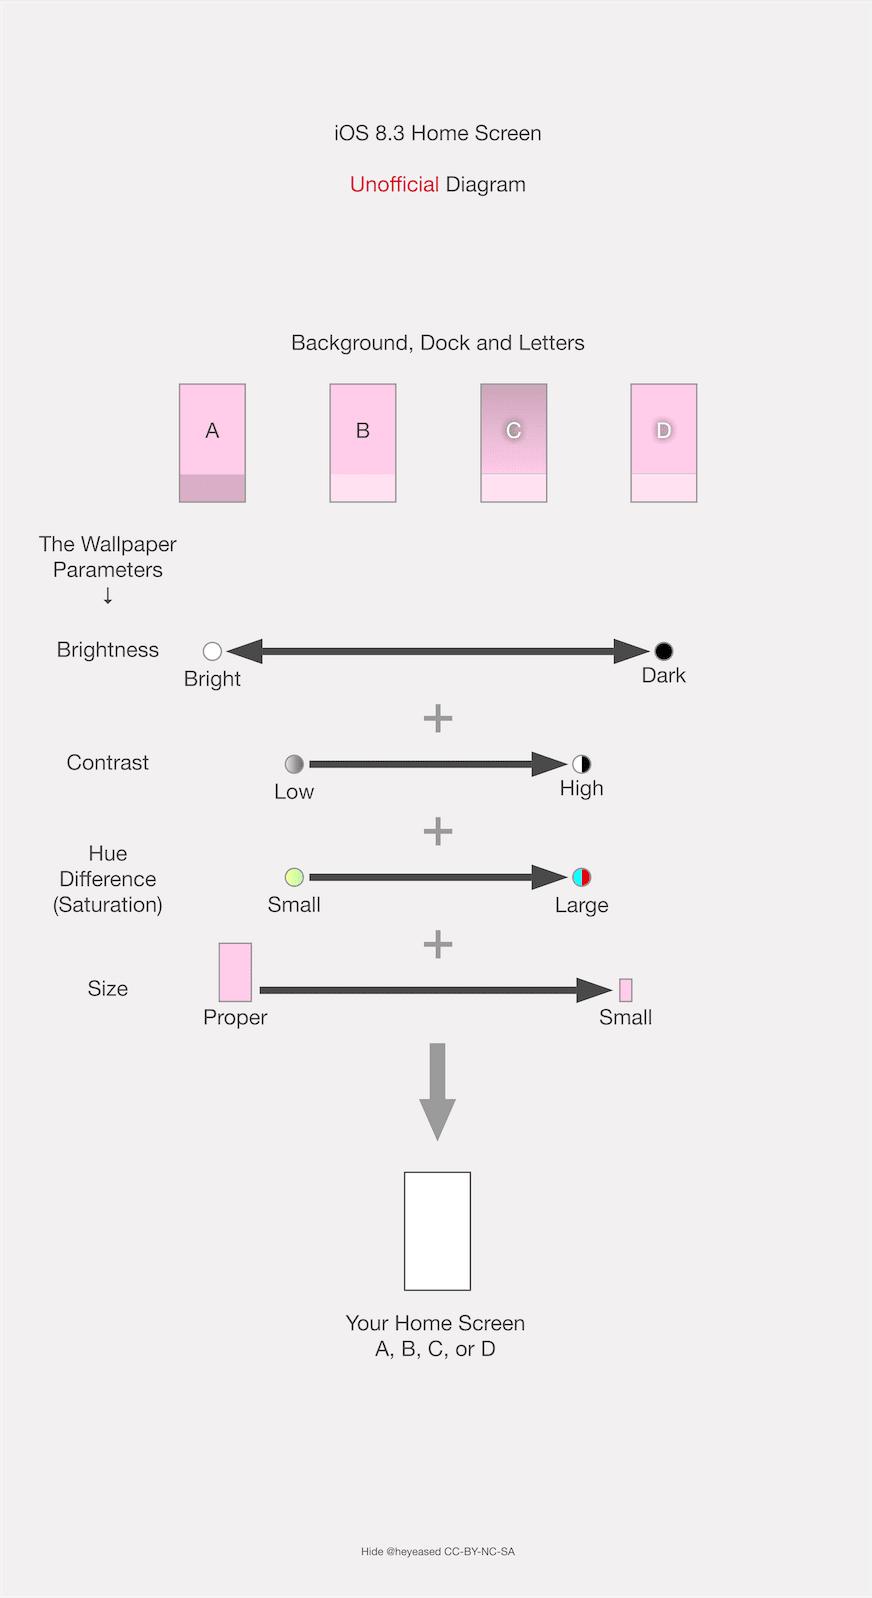 トラブル編 Iphone壁紙設定の超まとめ 不思議なiphone壁紙のブログ